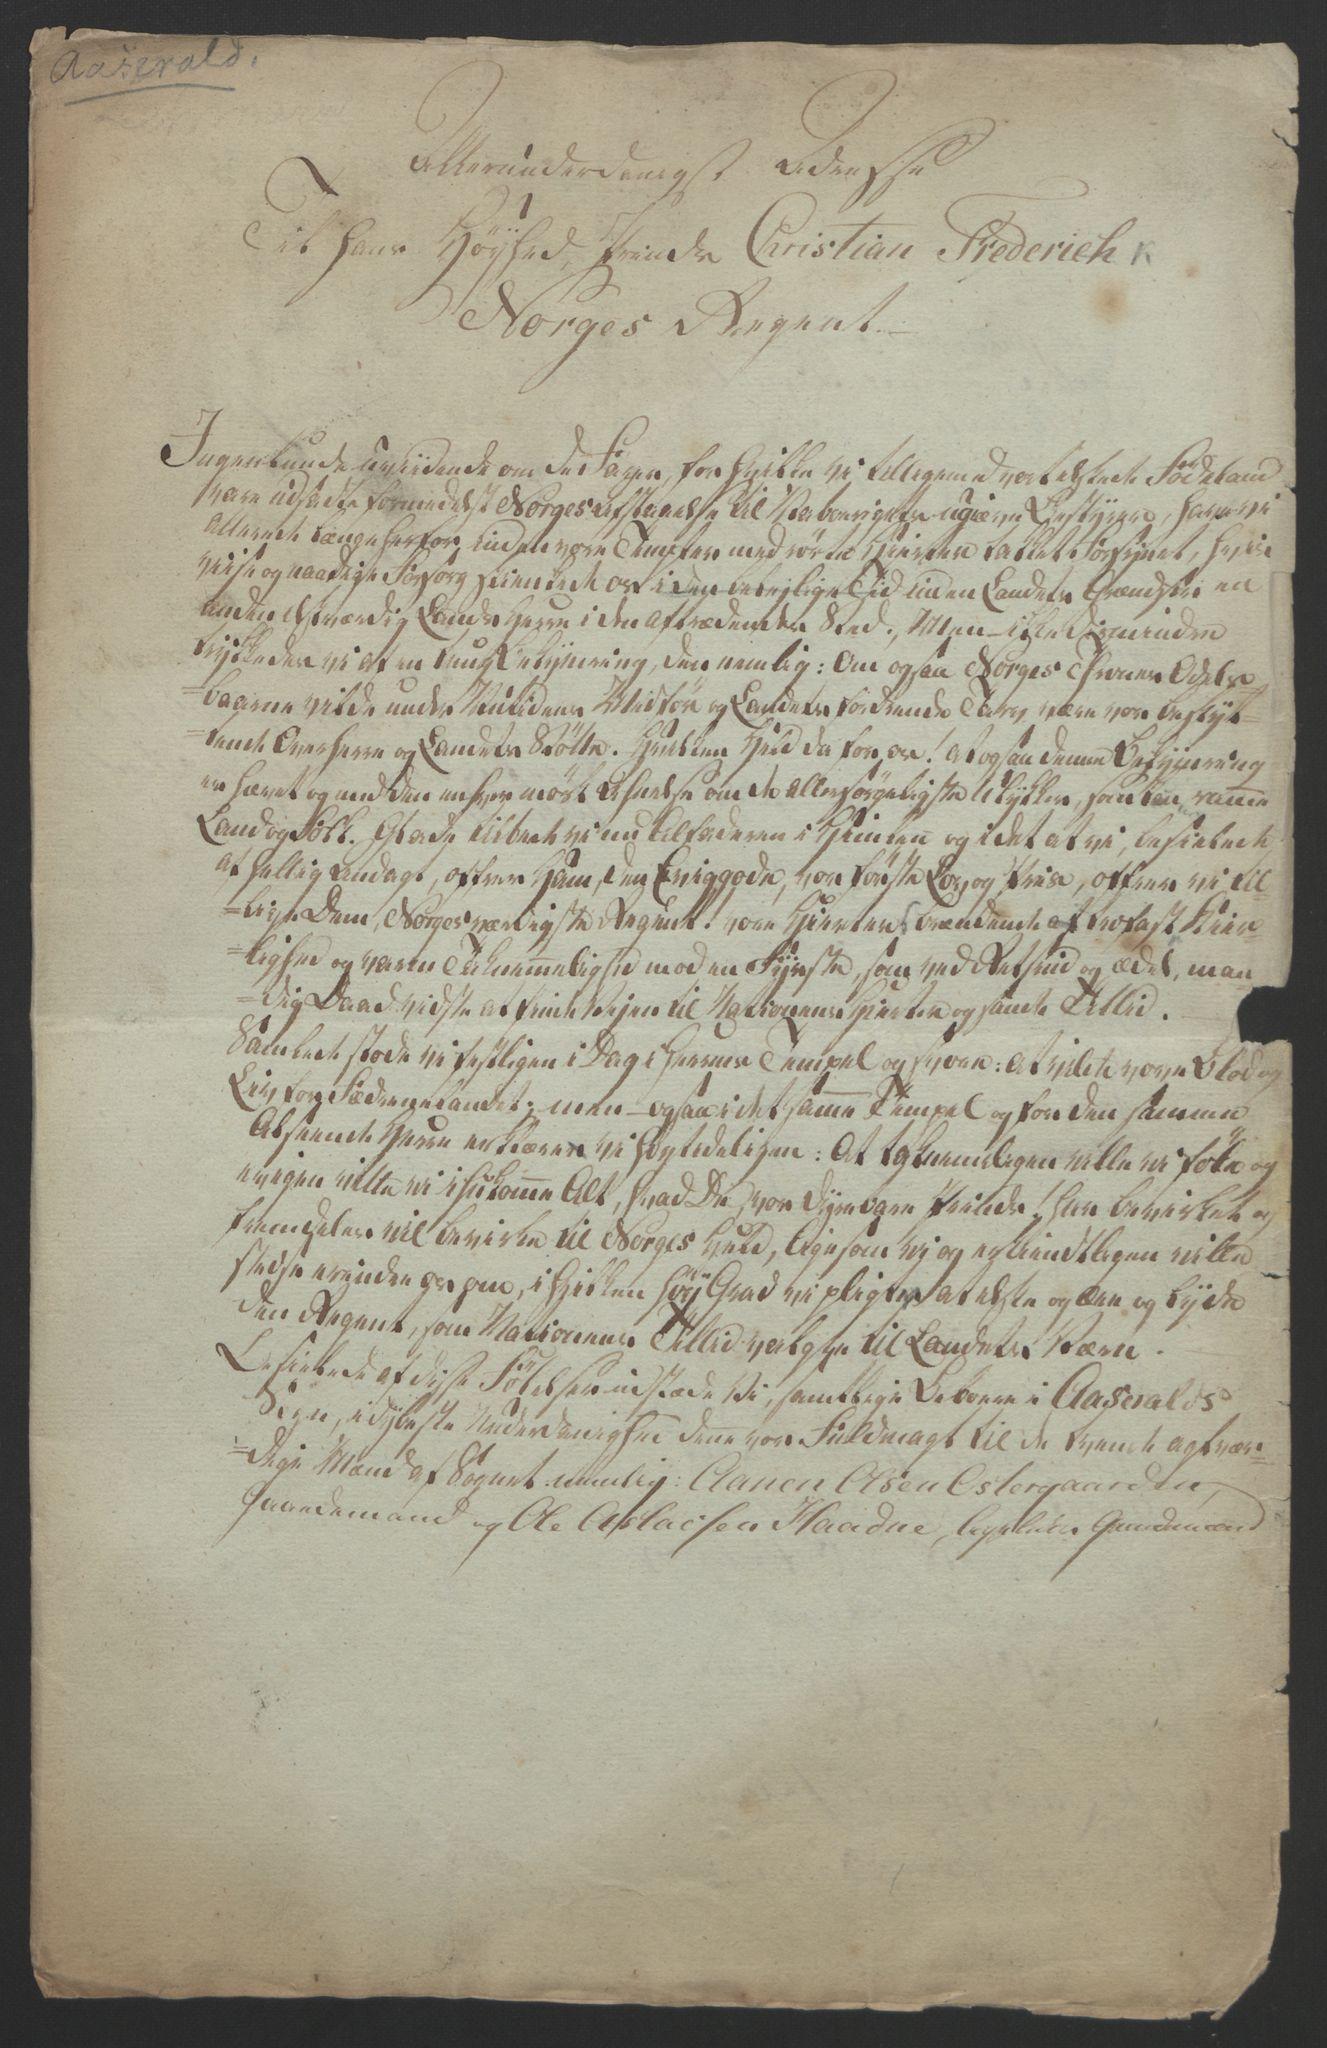 RA, Statsrådssekretariatet, D/Db/L0008: Fullmakter for Eidsvollsrepresentantene i 1814. , 1814, s. 108